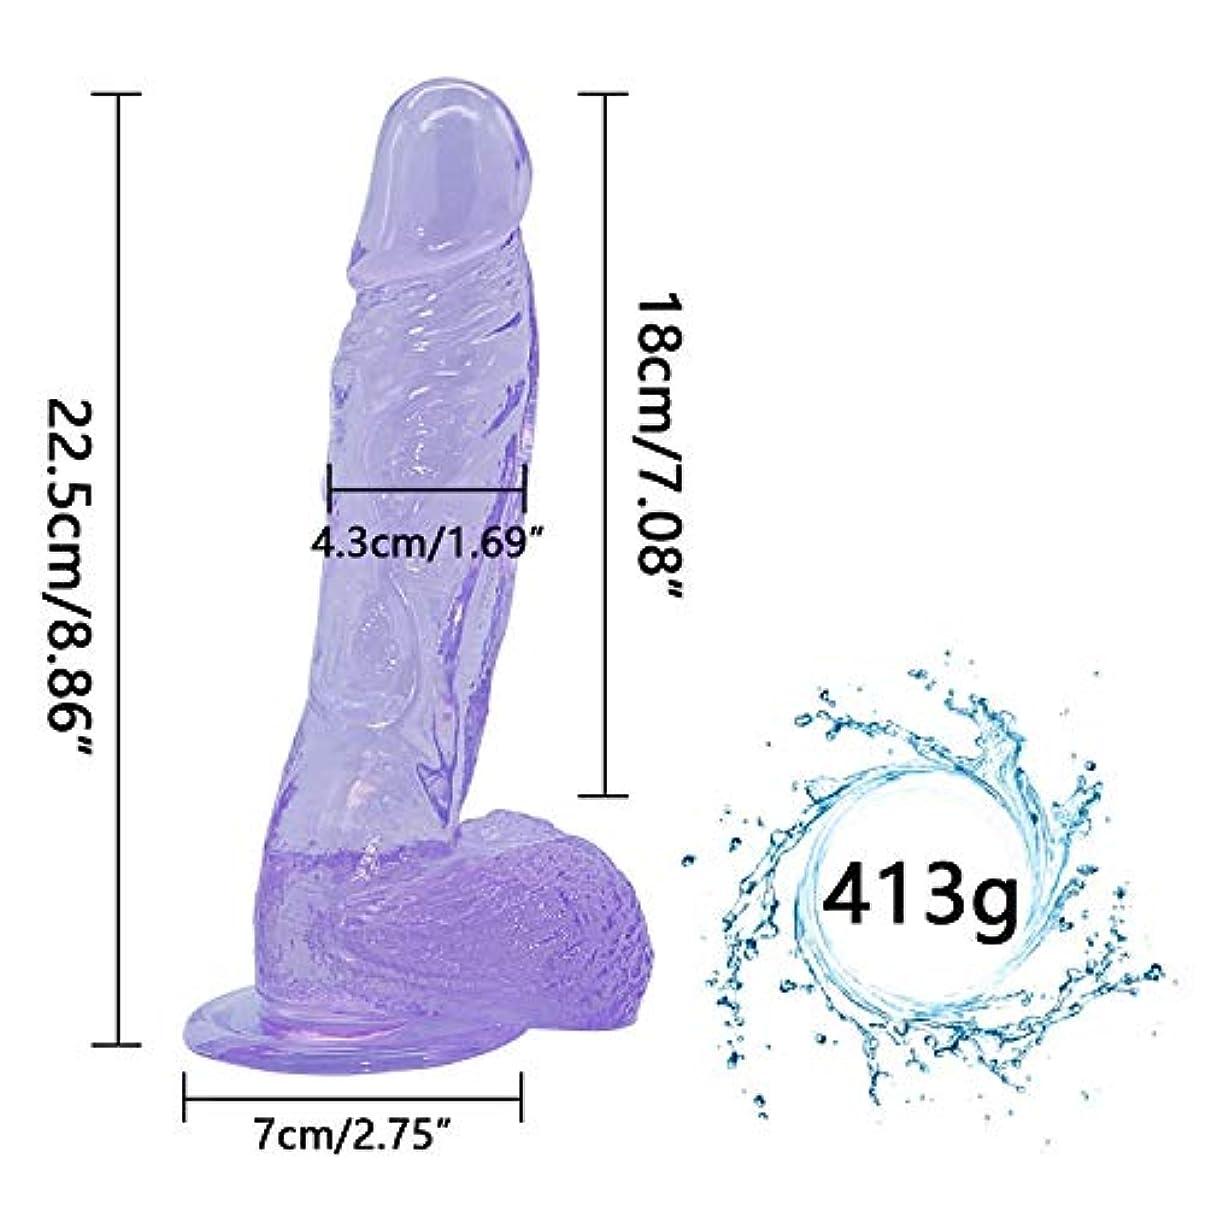 暖かく不安定常習的ChenXiDian 巨大な洞8.86インチのリアルなマッサージャー強力なサクションカップボディマッサージを備えた巨大なマッサージャー-機密配送-慎重な配送-出会いは秘密です 本当の感触